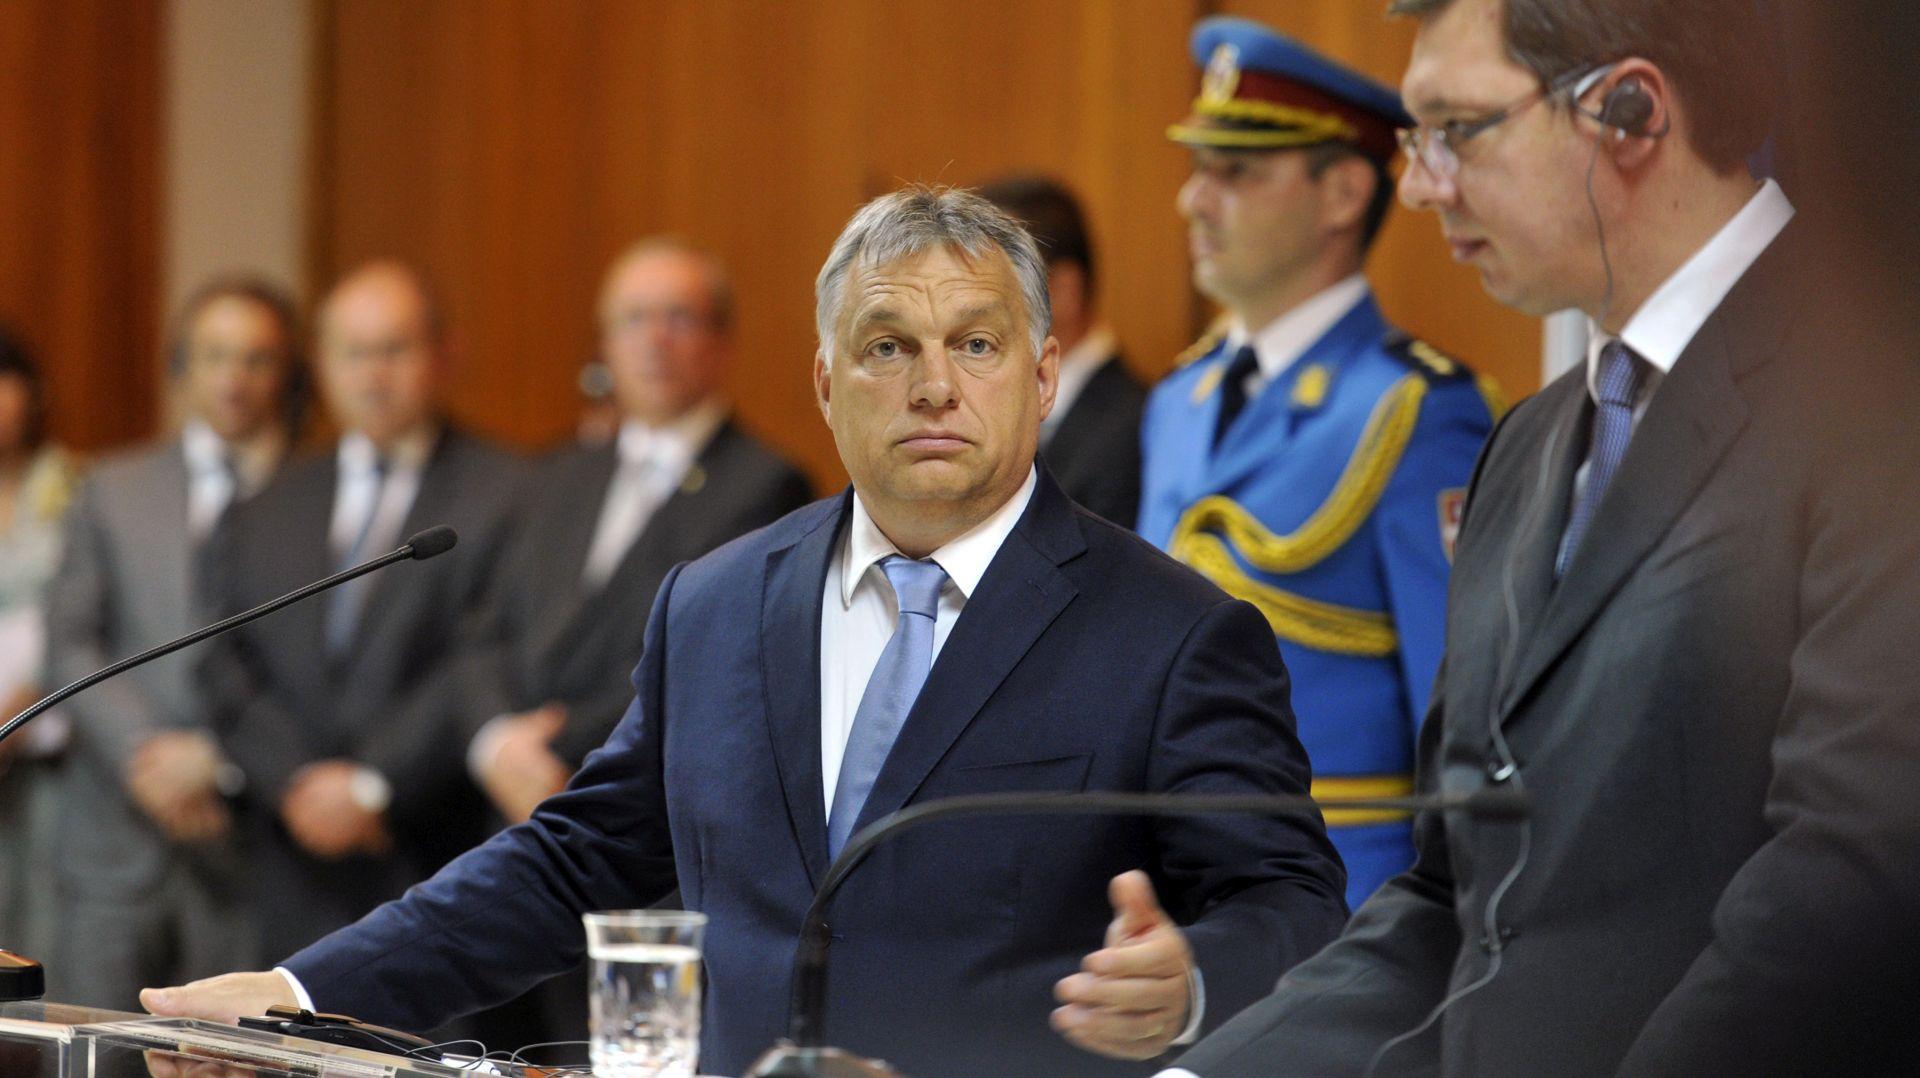 Orban u nedjelju i ponedjeljak u posjetu Srbiji, zajednička sjednica dviju vlada